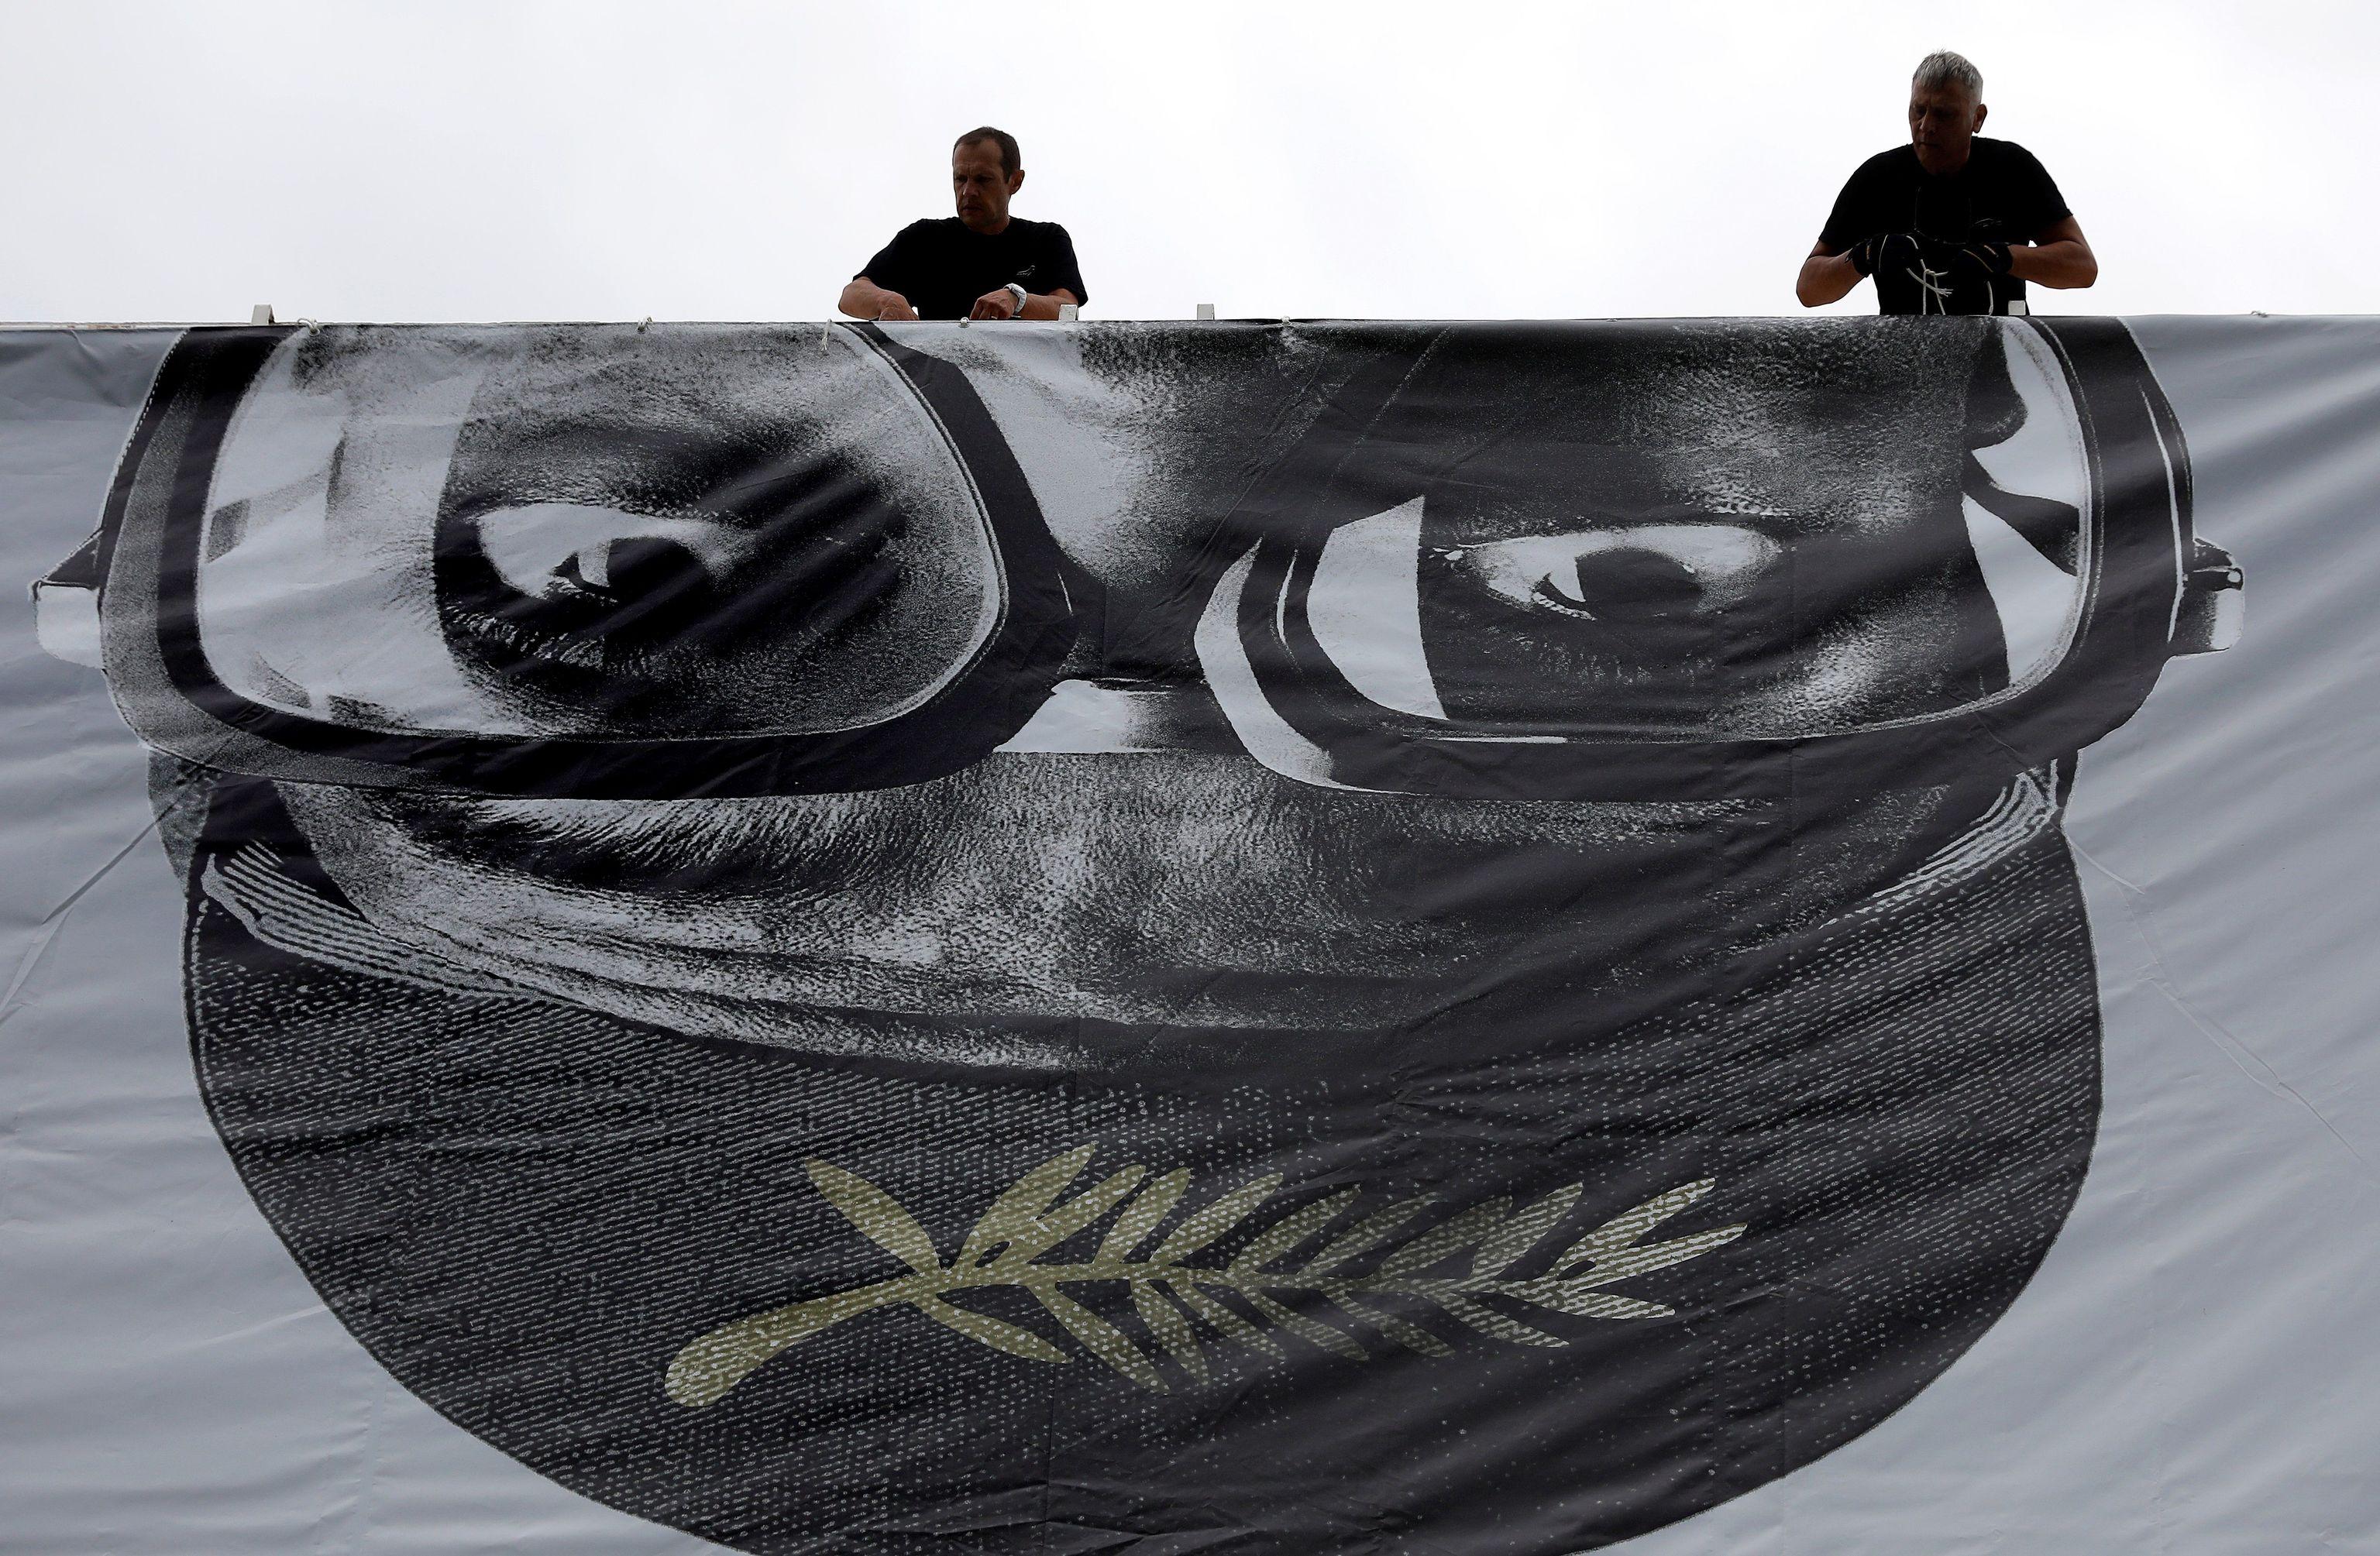 UNos operarios colocan el cartel del festival que protagoniza Spike Lee.